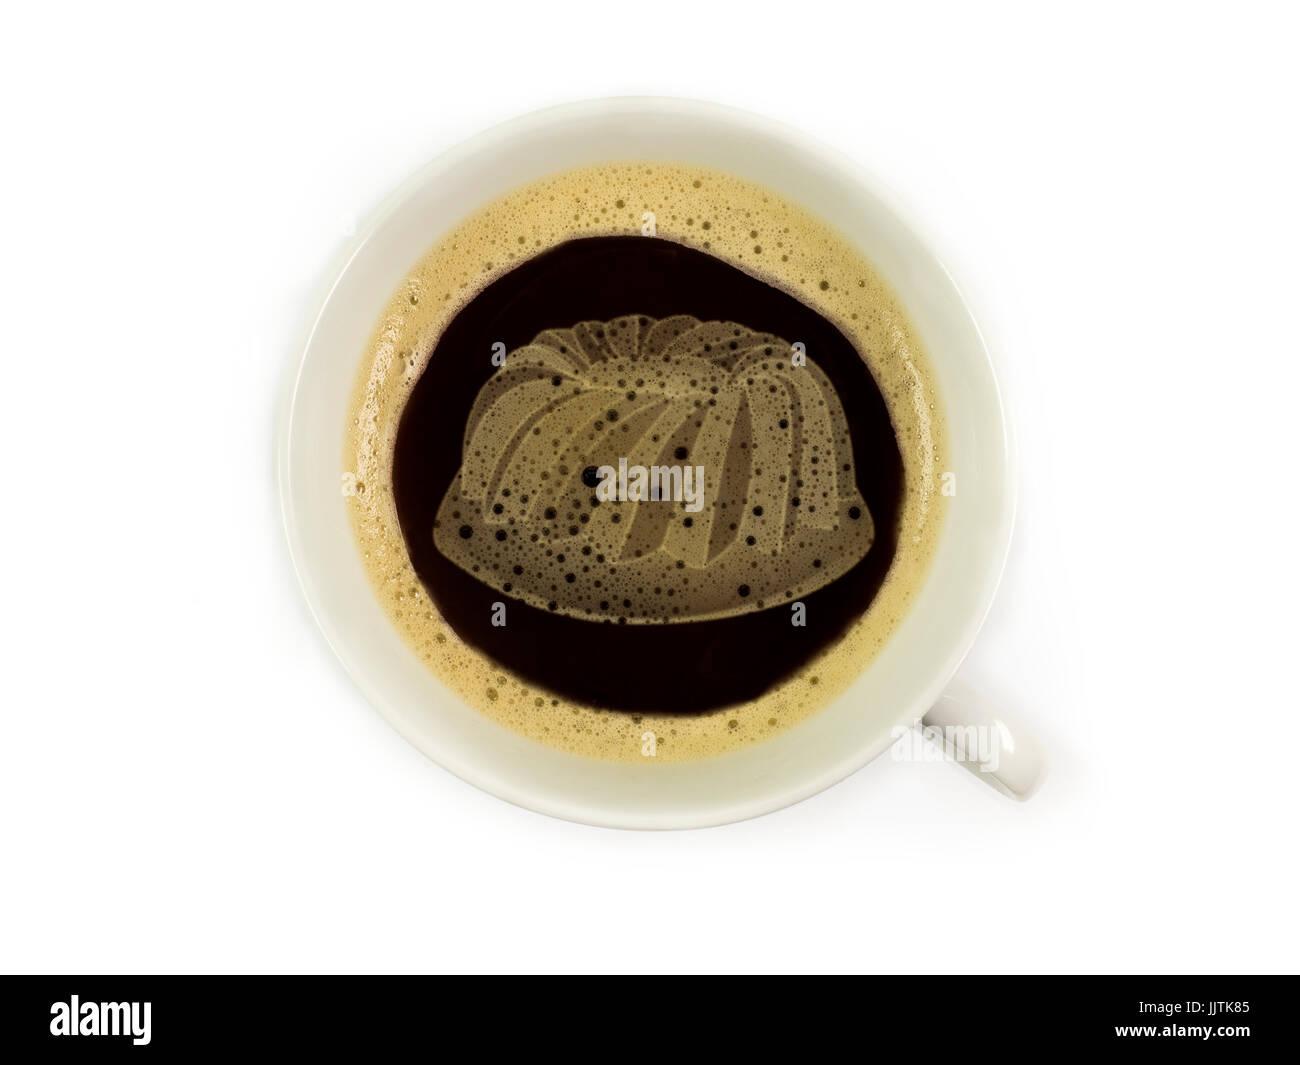 kuchen im Kaffeeschaum - Stock Image